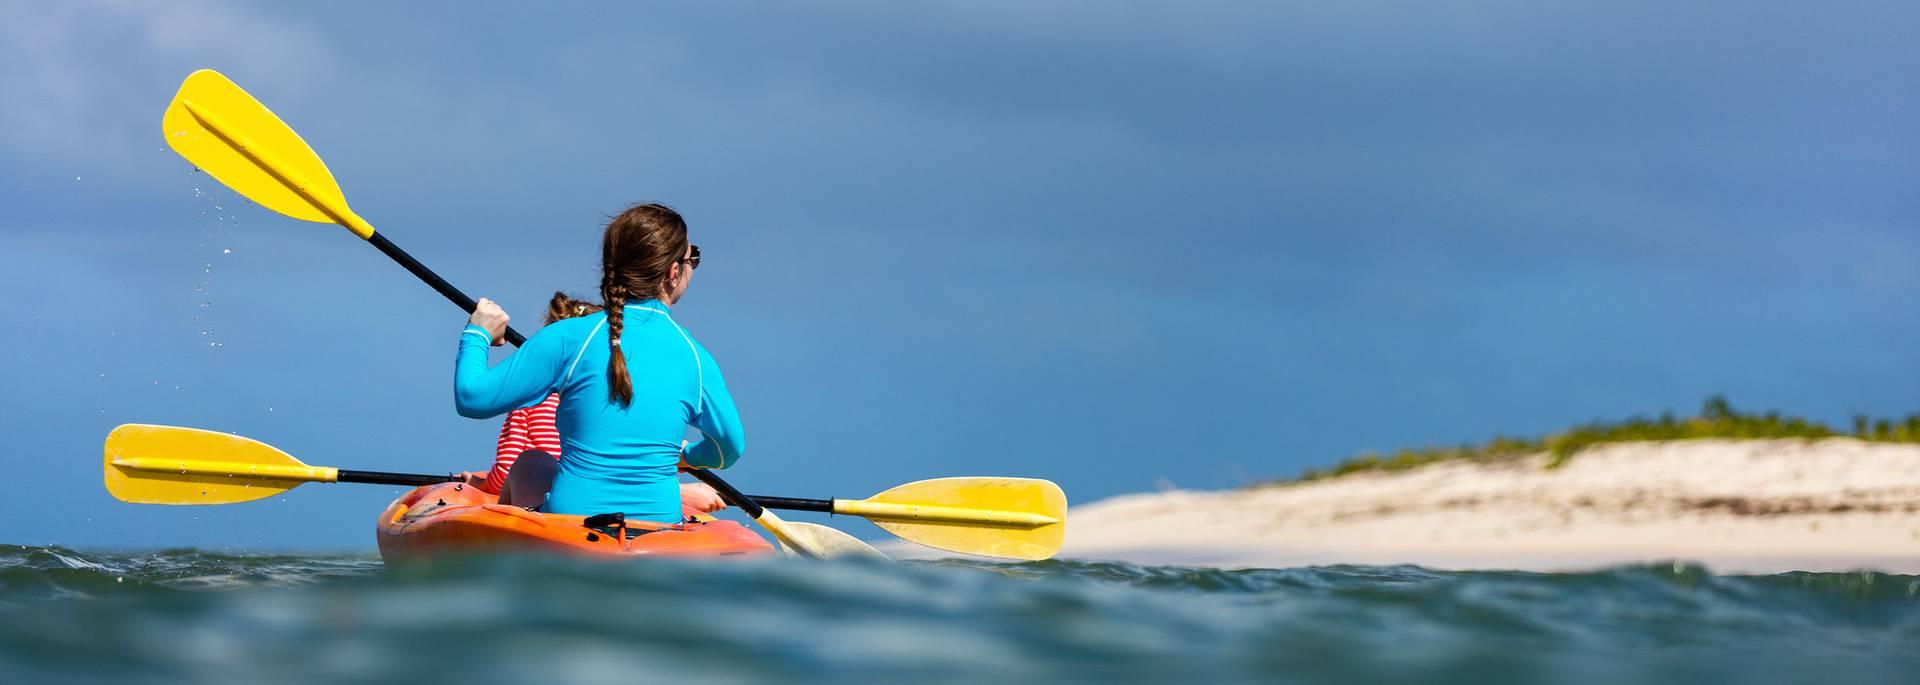 Kayaking in Pays Bigouden © BlueOrange Studio